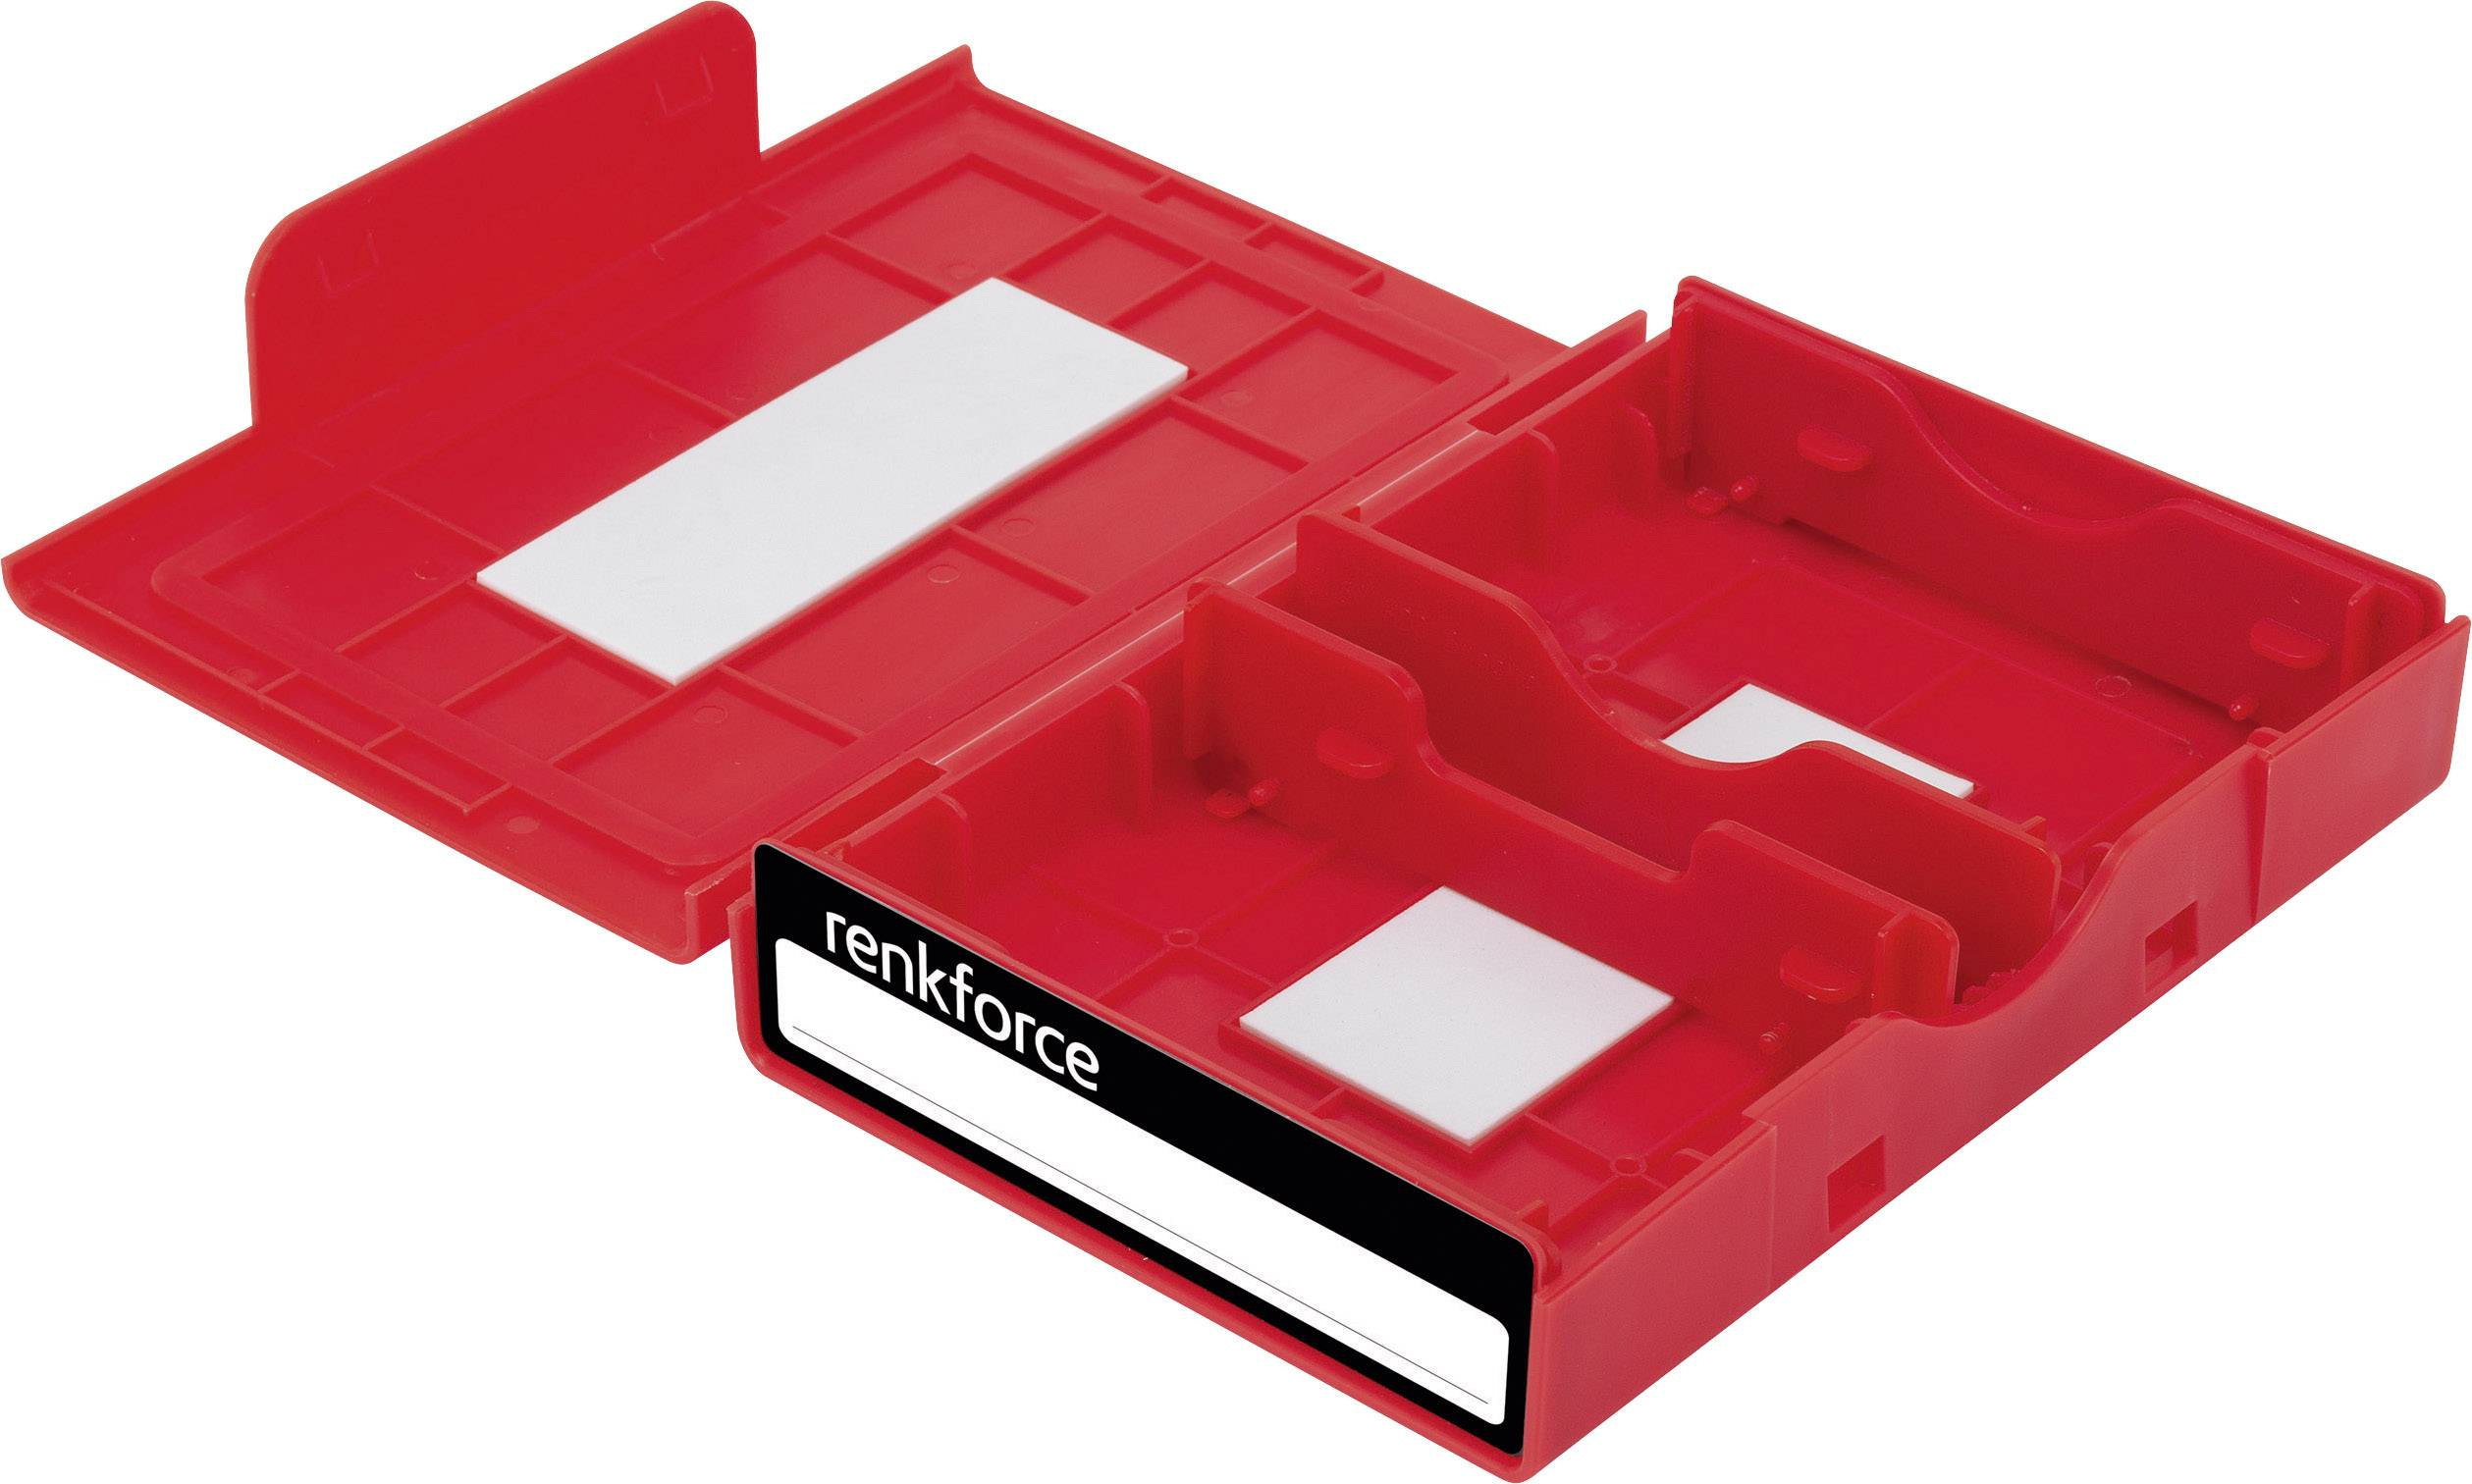 """Púzdro na pevný disk Renkforce, HY-EB-8500, 3,5"""", červená"""